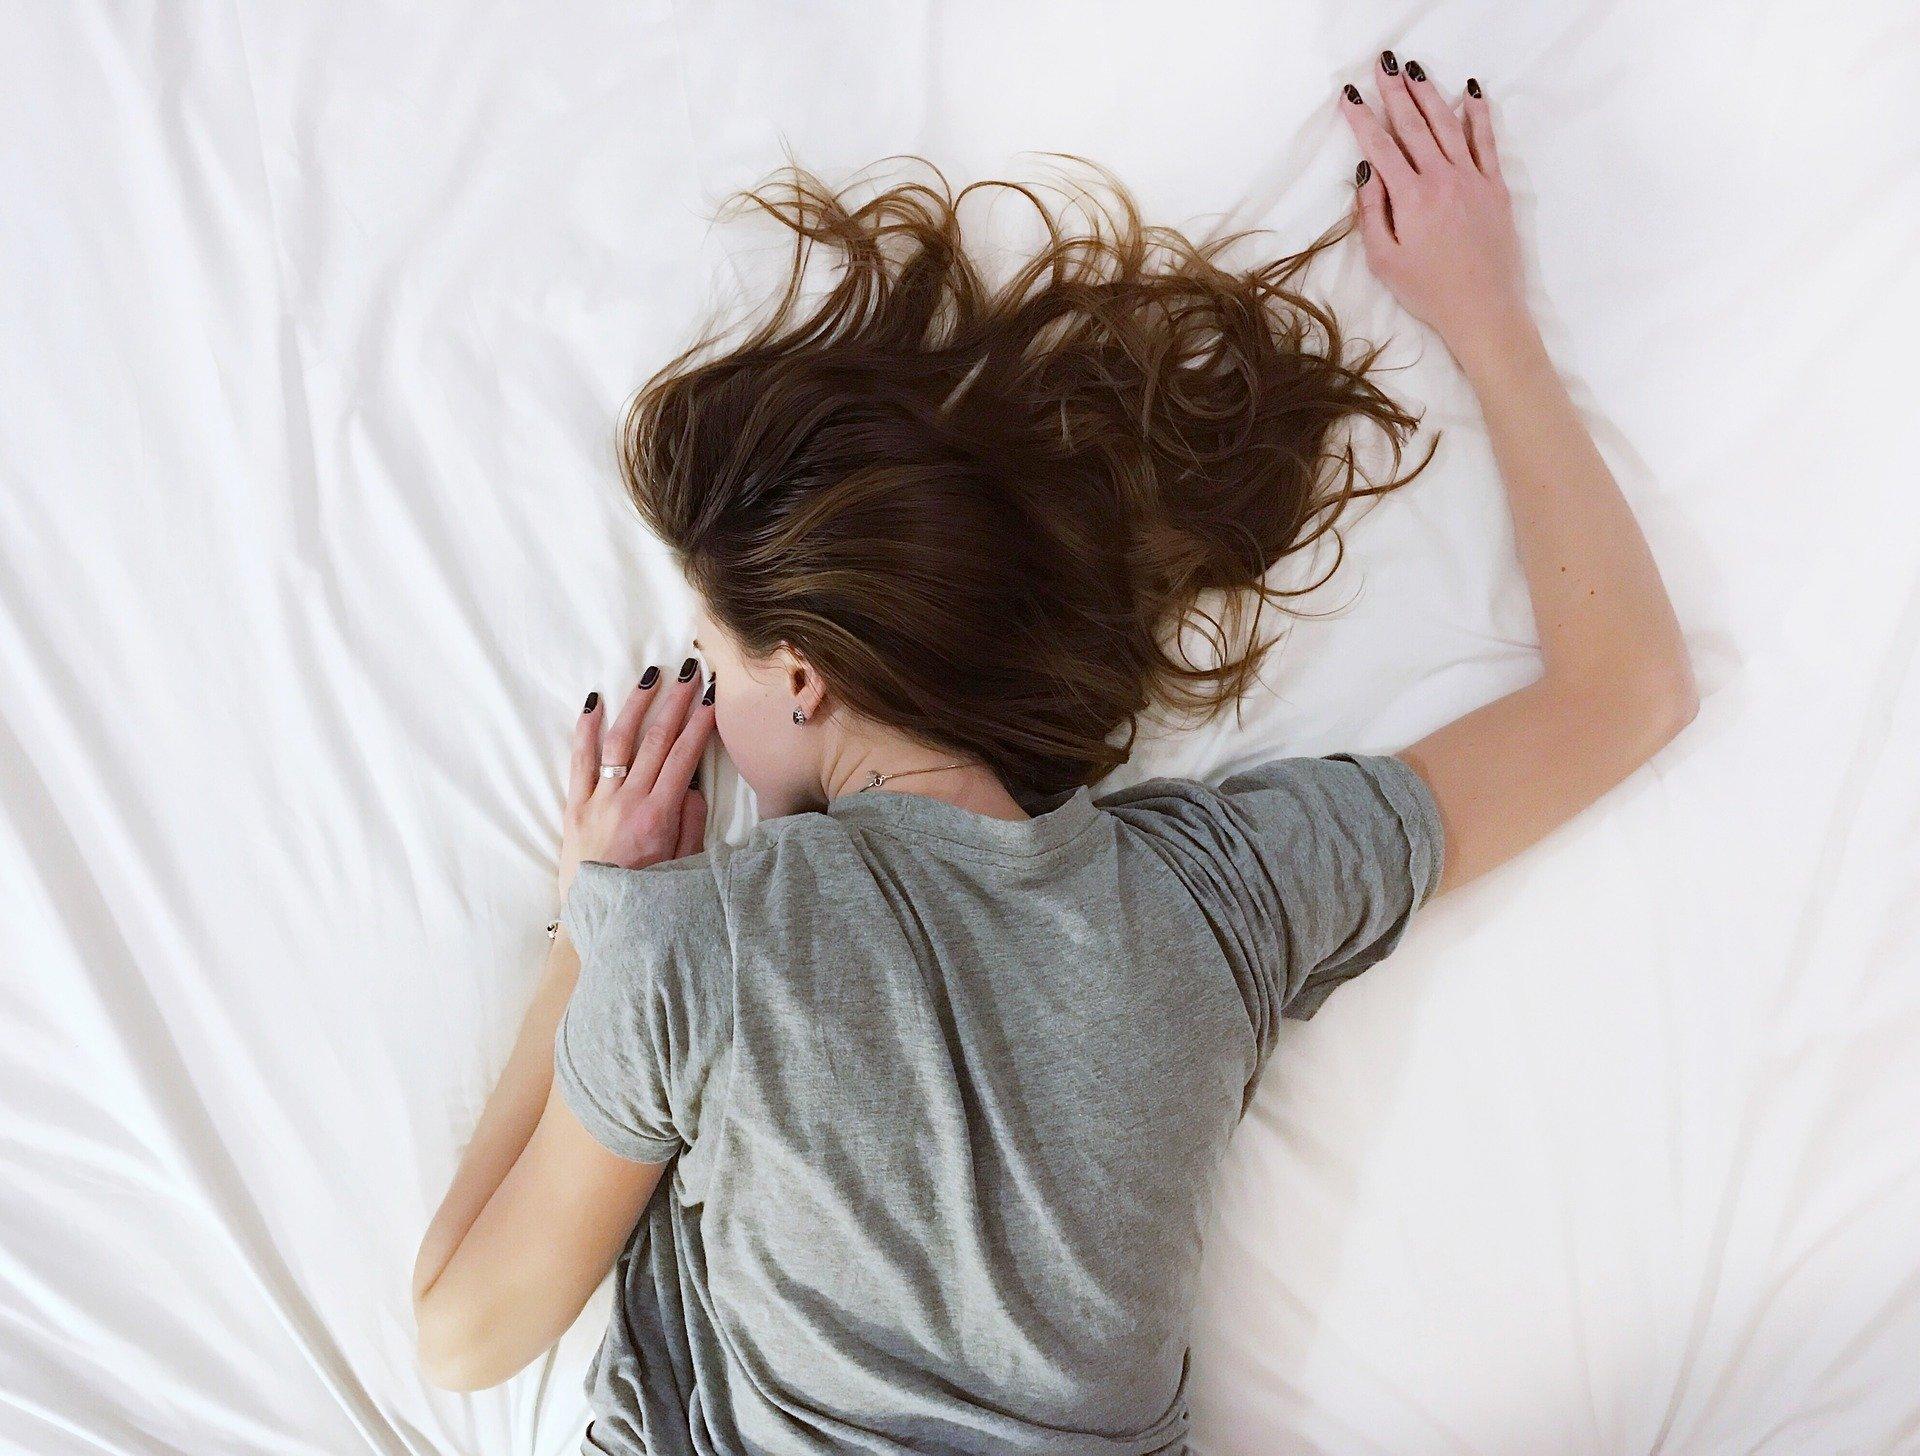 スッキリ目覚めることが出来ない理由